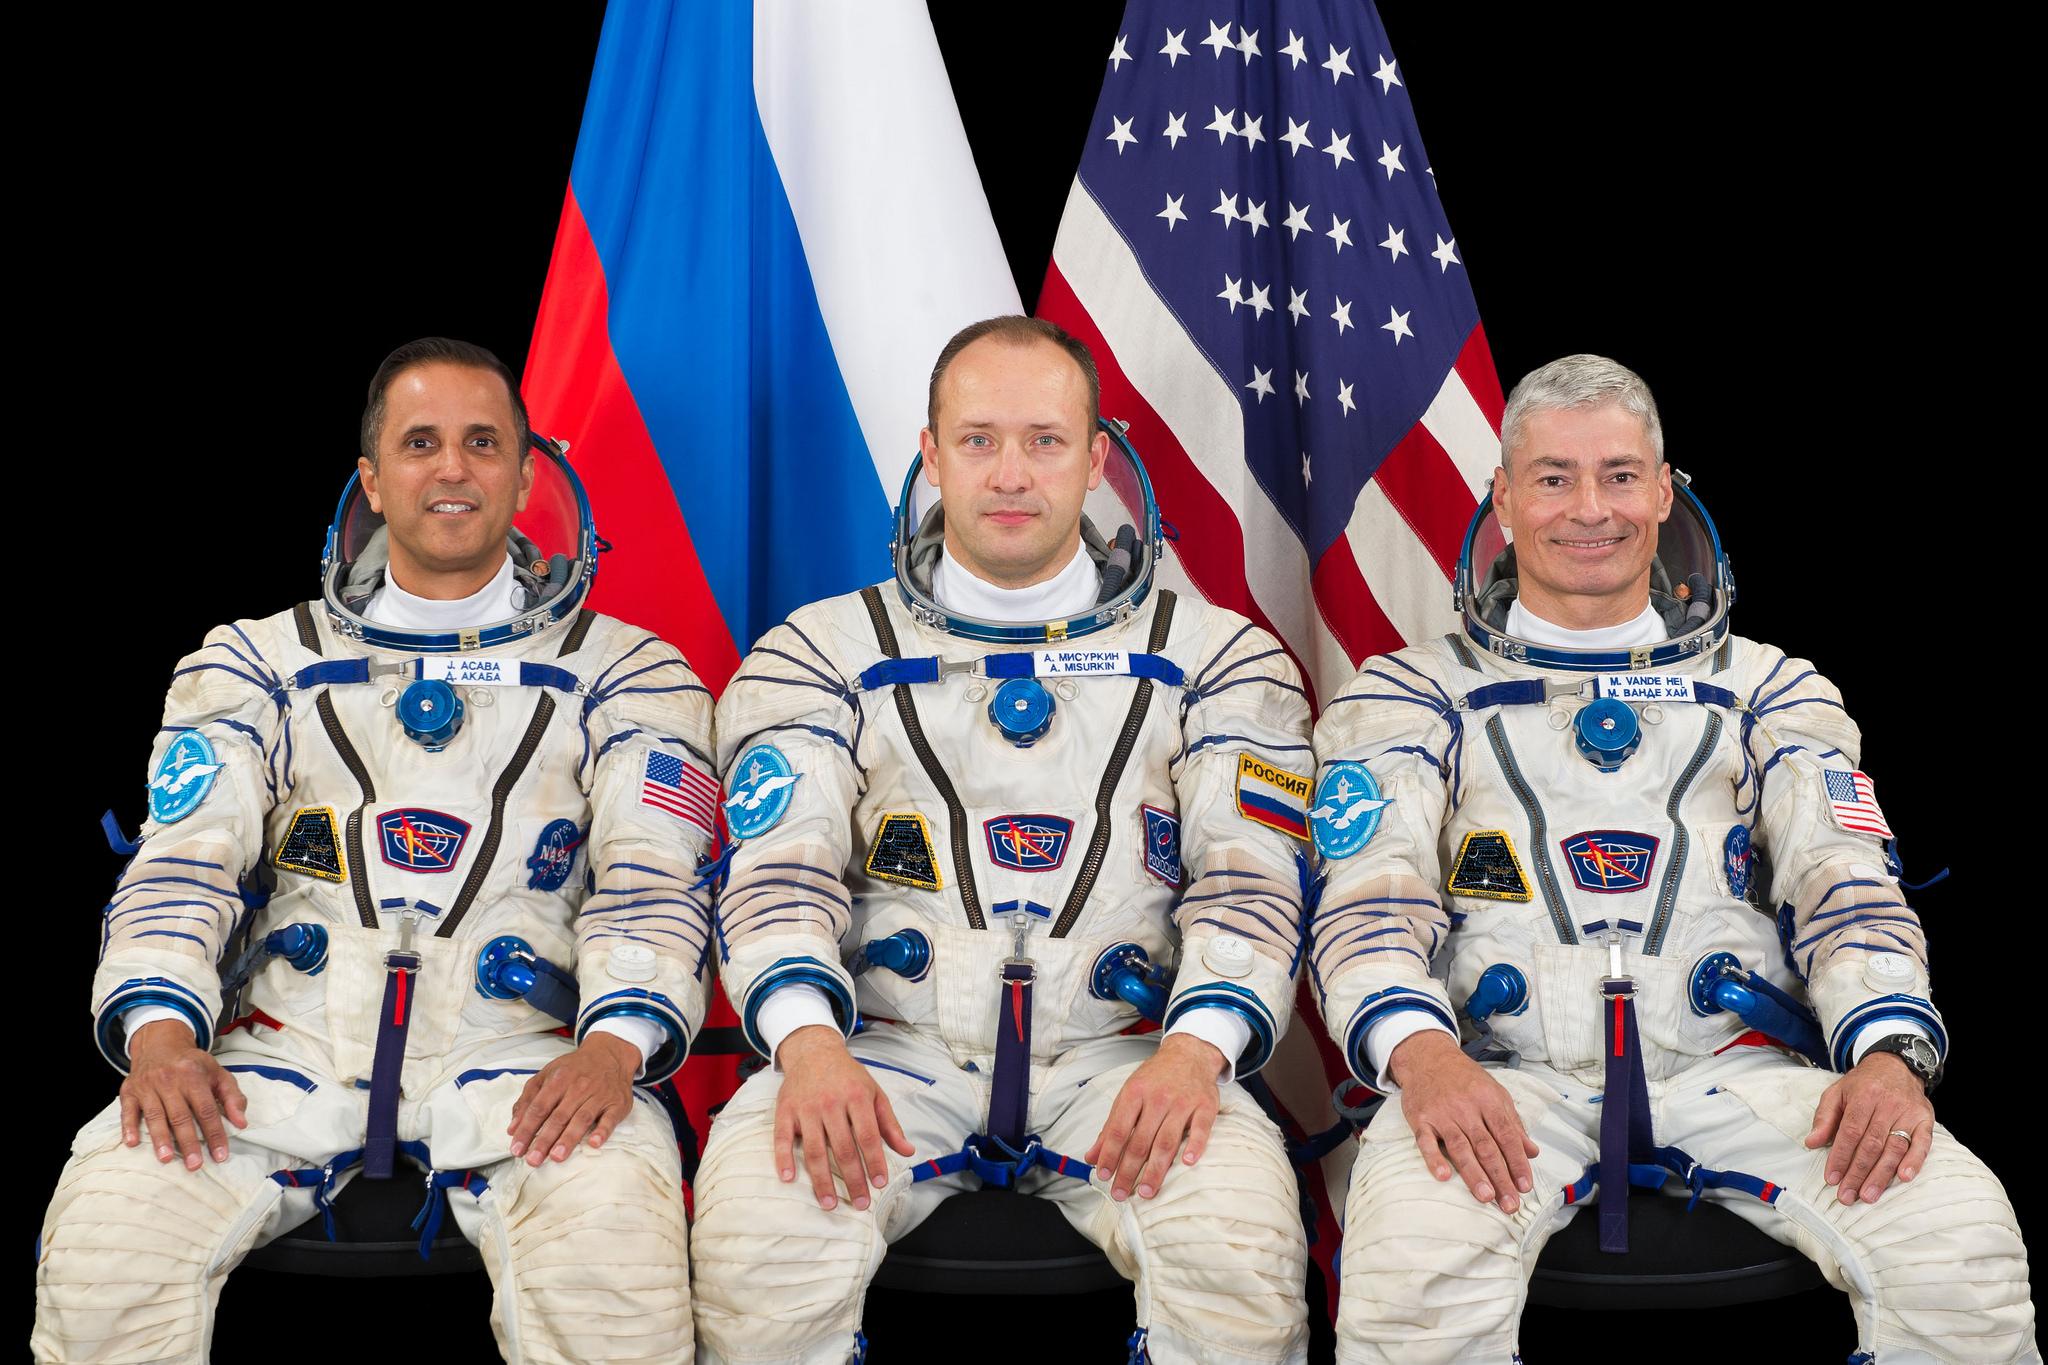 Rusia quiere su propia estación espacial y abandonar a la EEI.